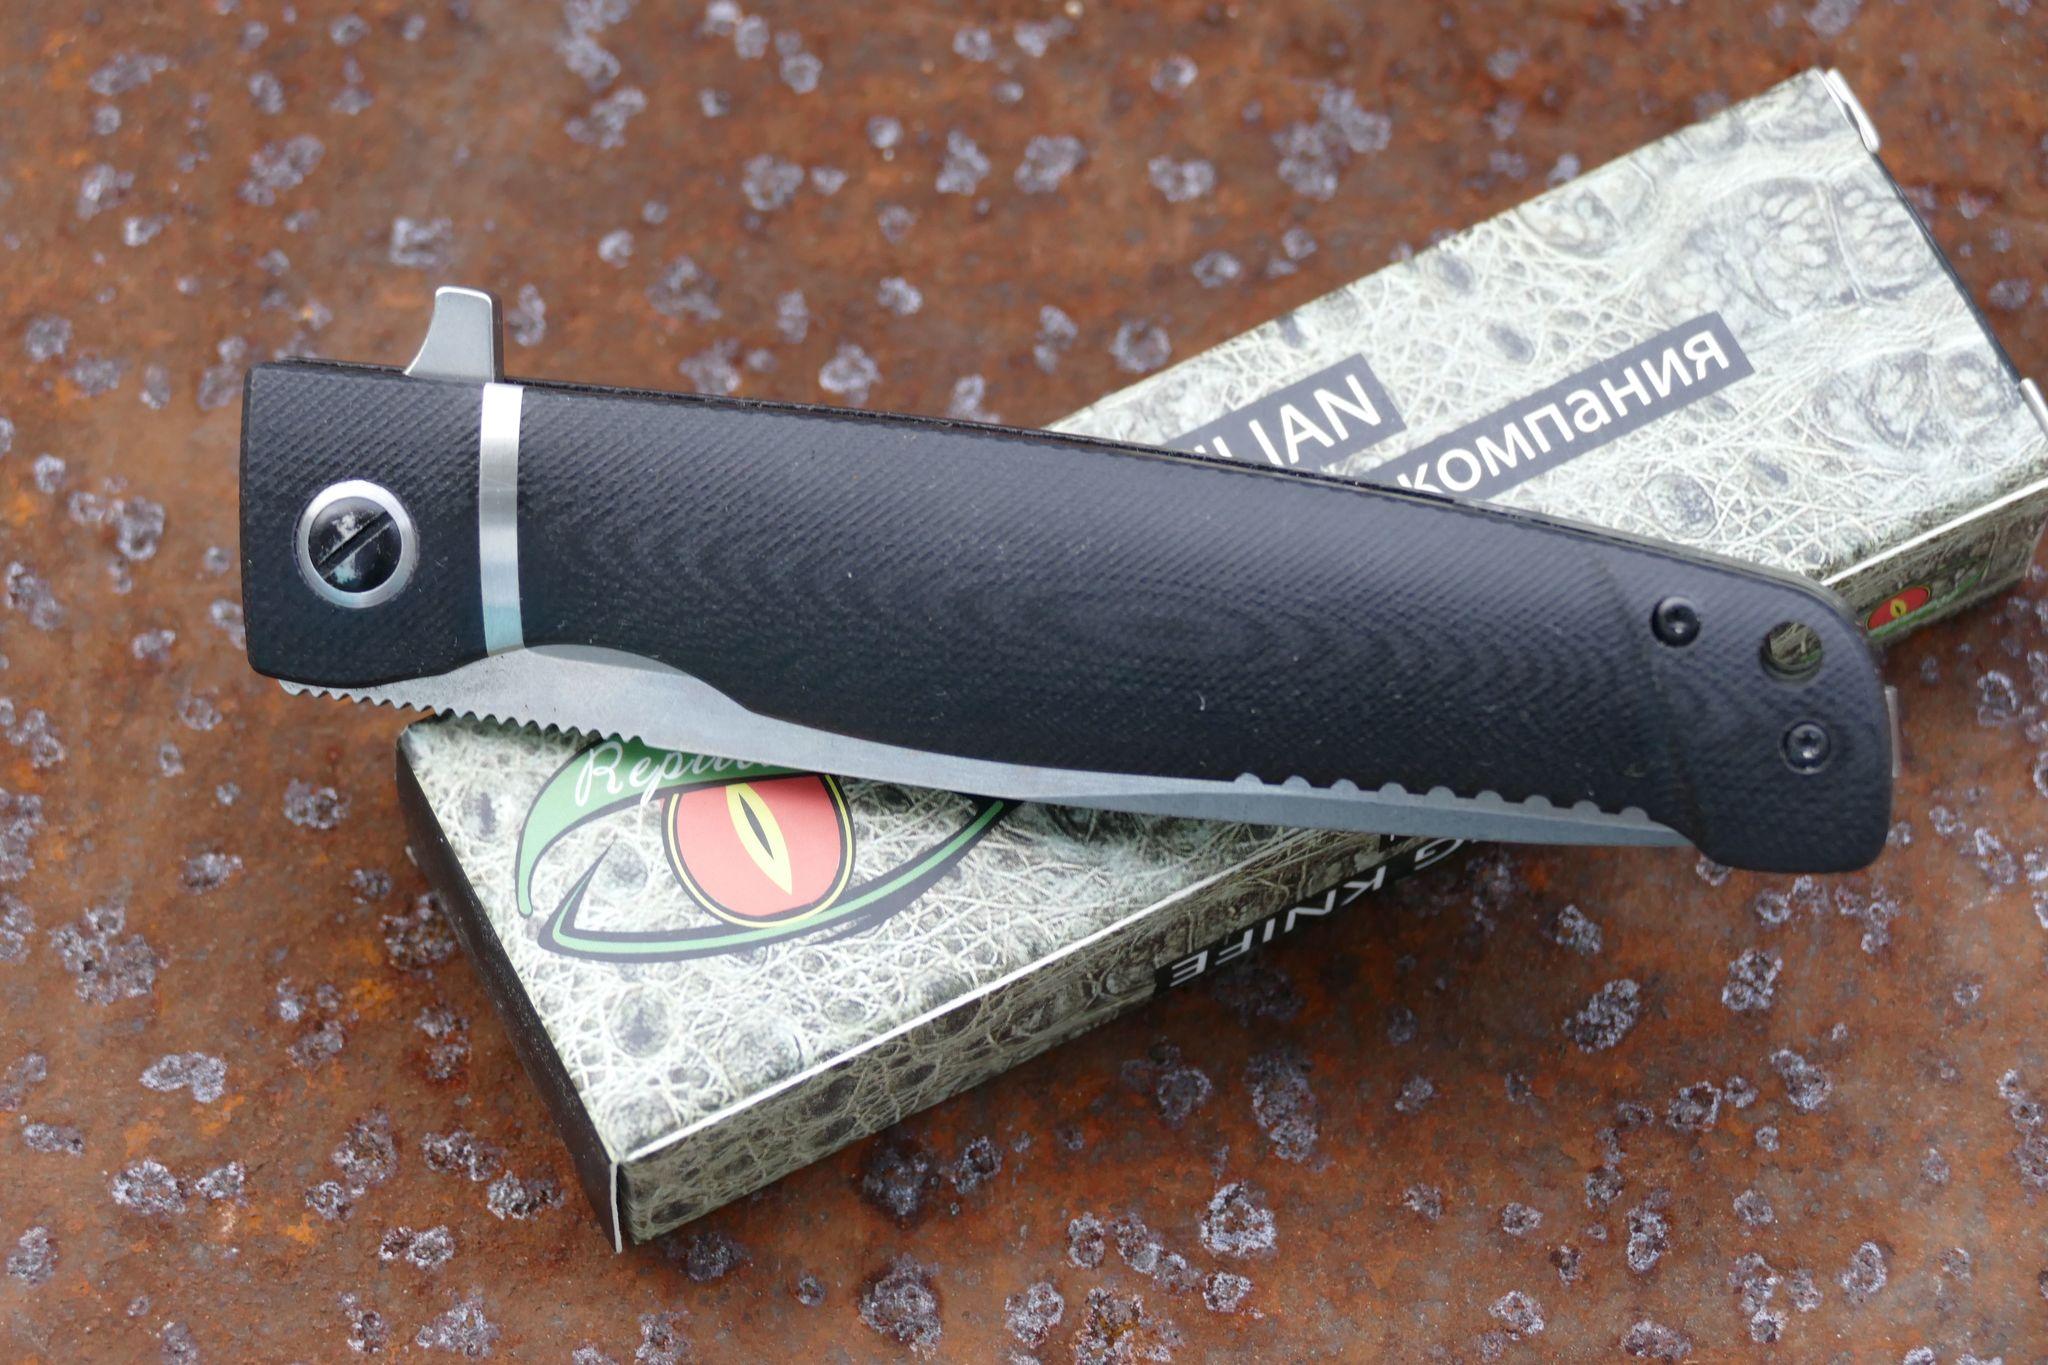 Фото 3 - Складной нож Карат 3 от Reptilian